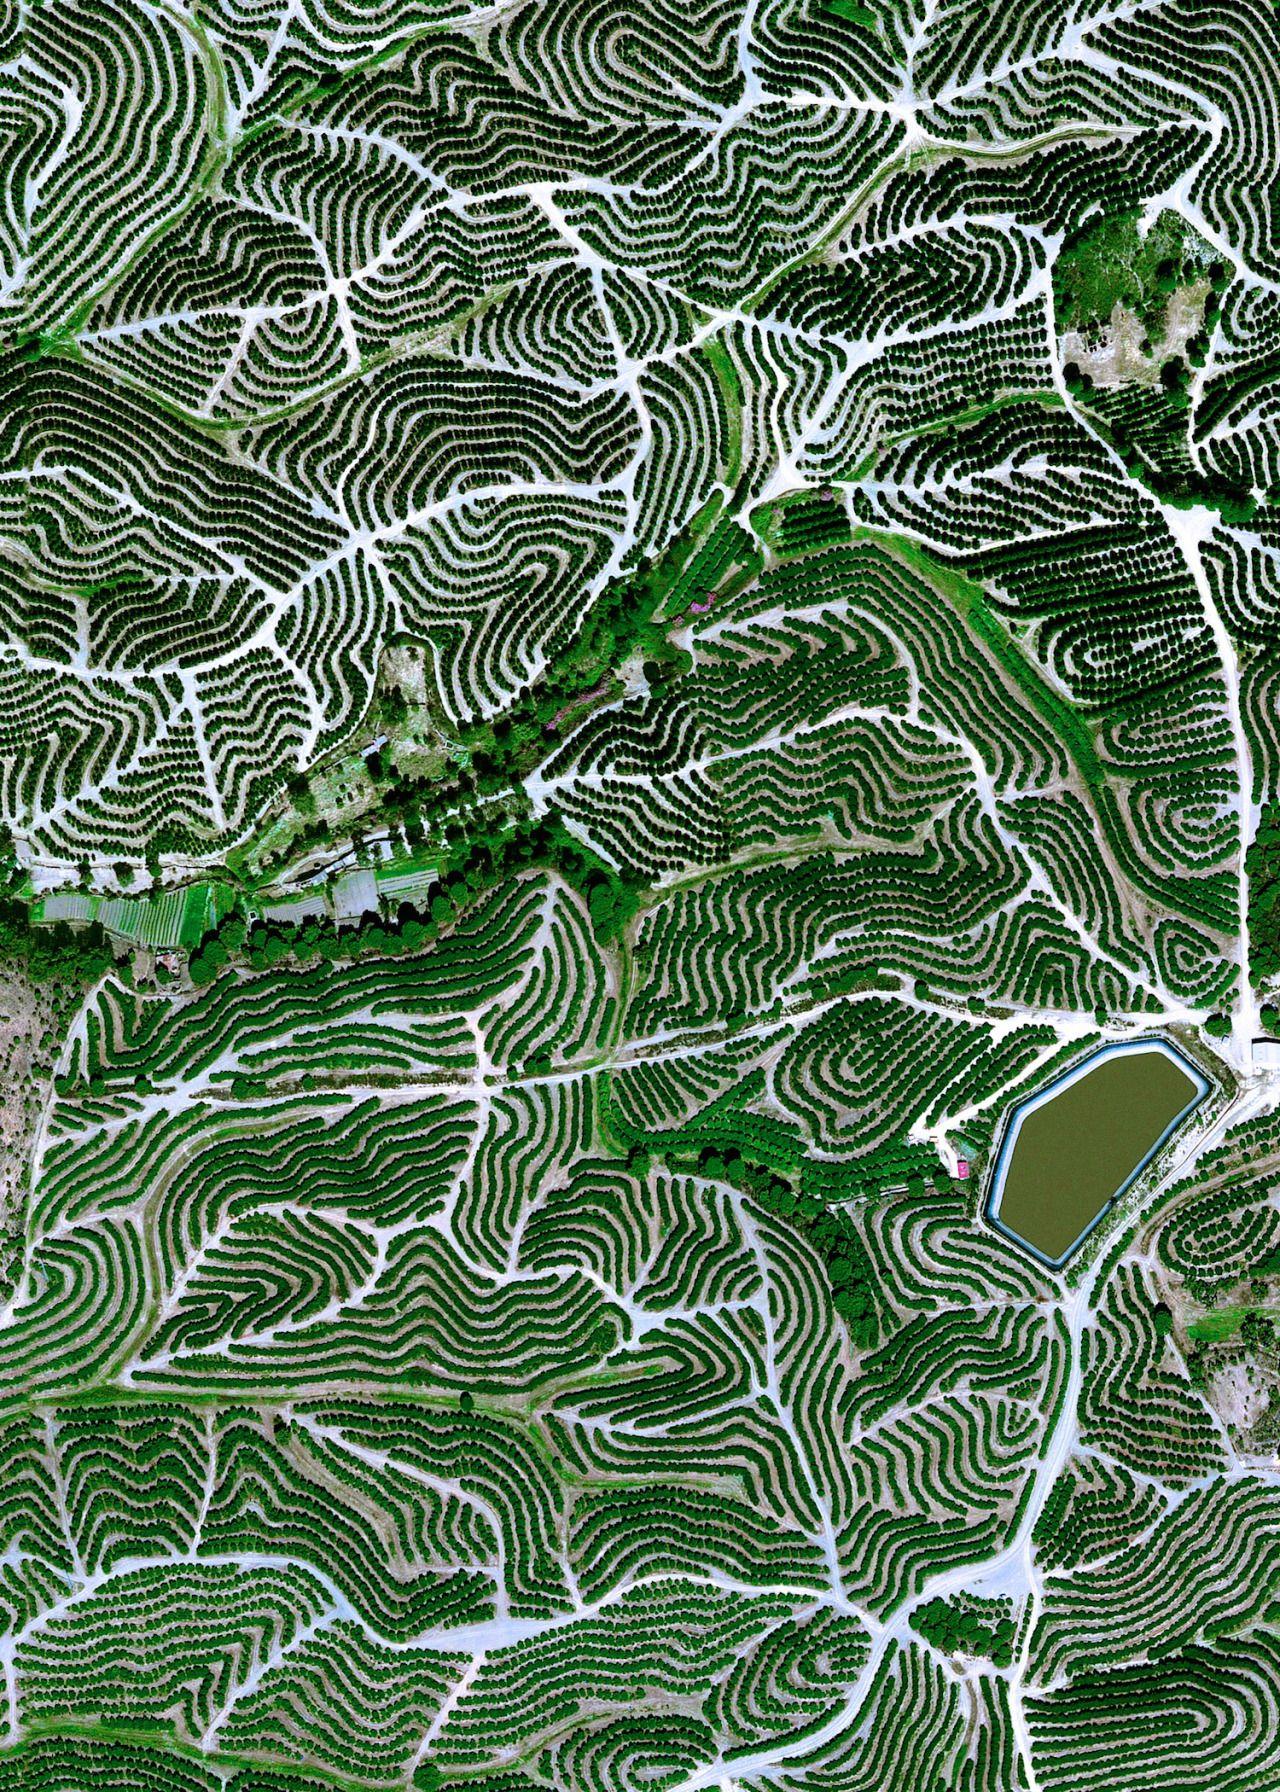 I don't like truth, ...EASTERN design office - belas-imagens: Fruit trees swirl on the hills of...